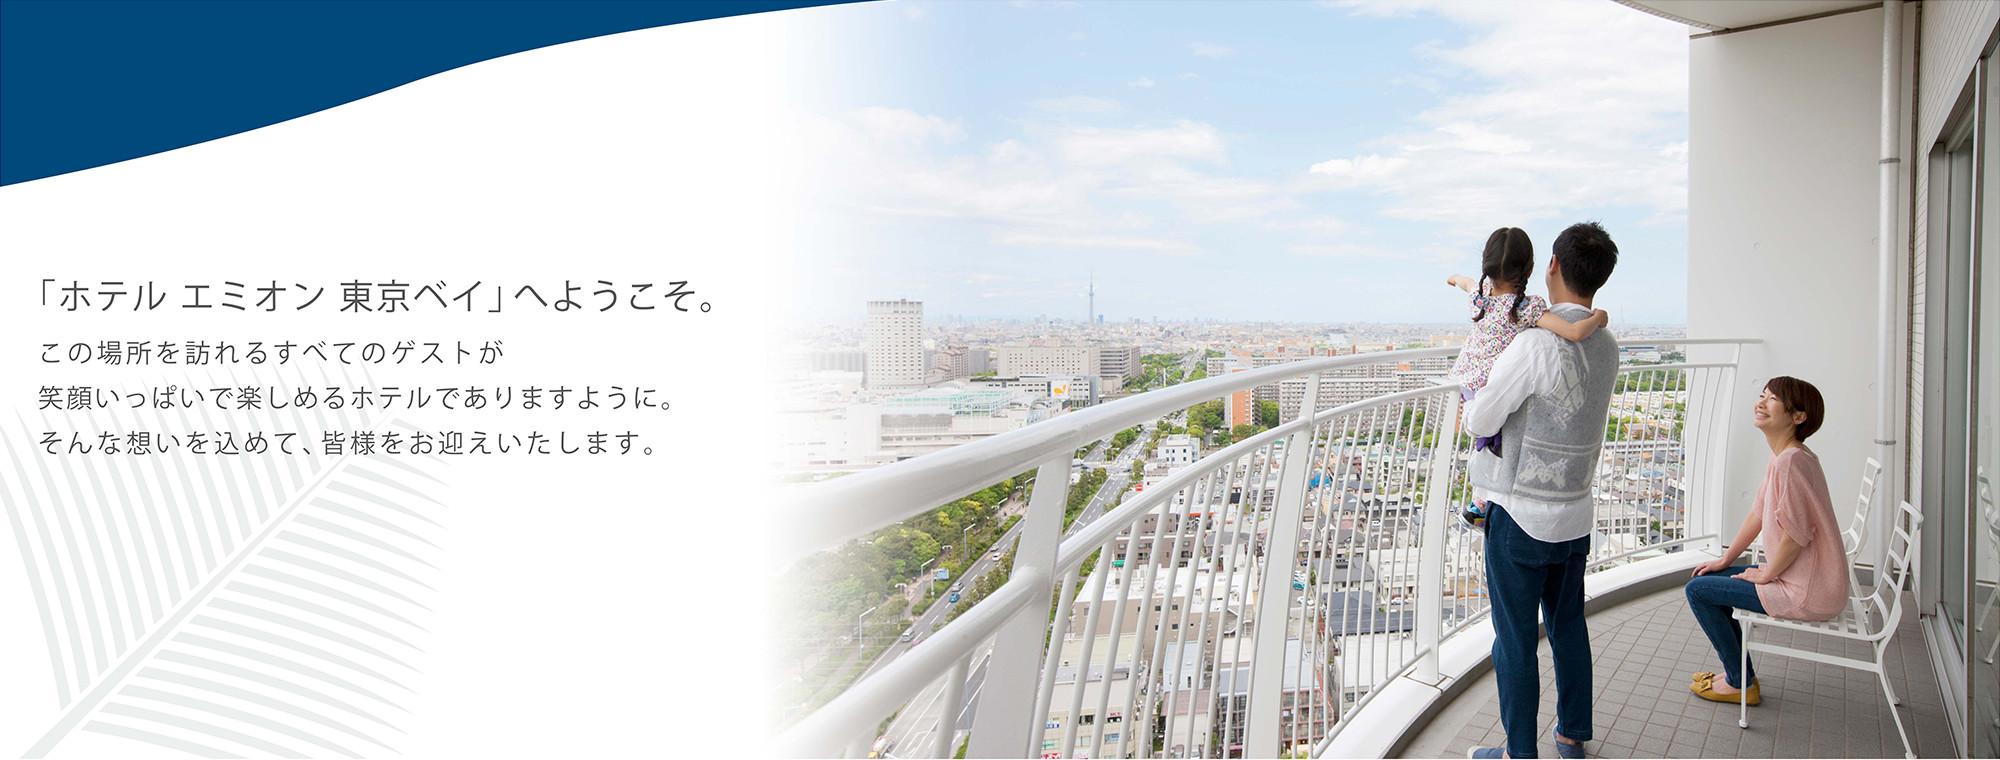 ホテルエミオン東京ベイ|東京ディズニーランドホテルの口コミ比較と格安